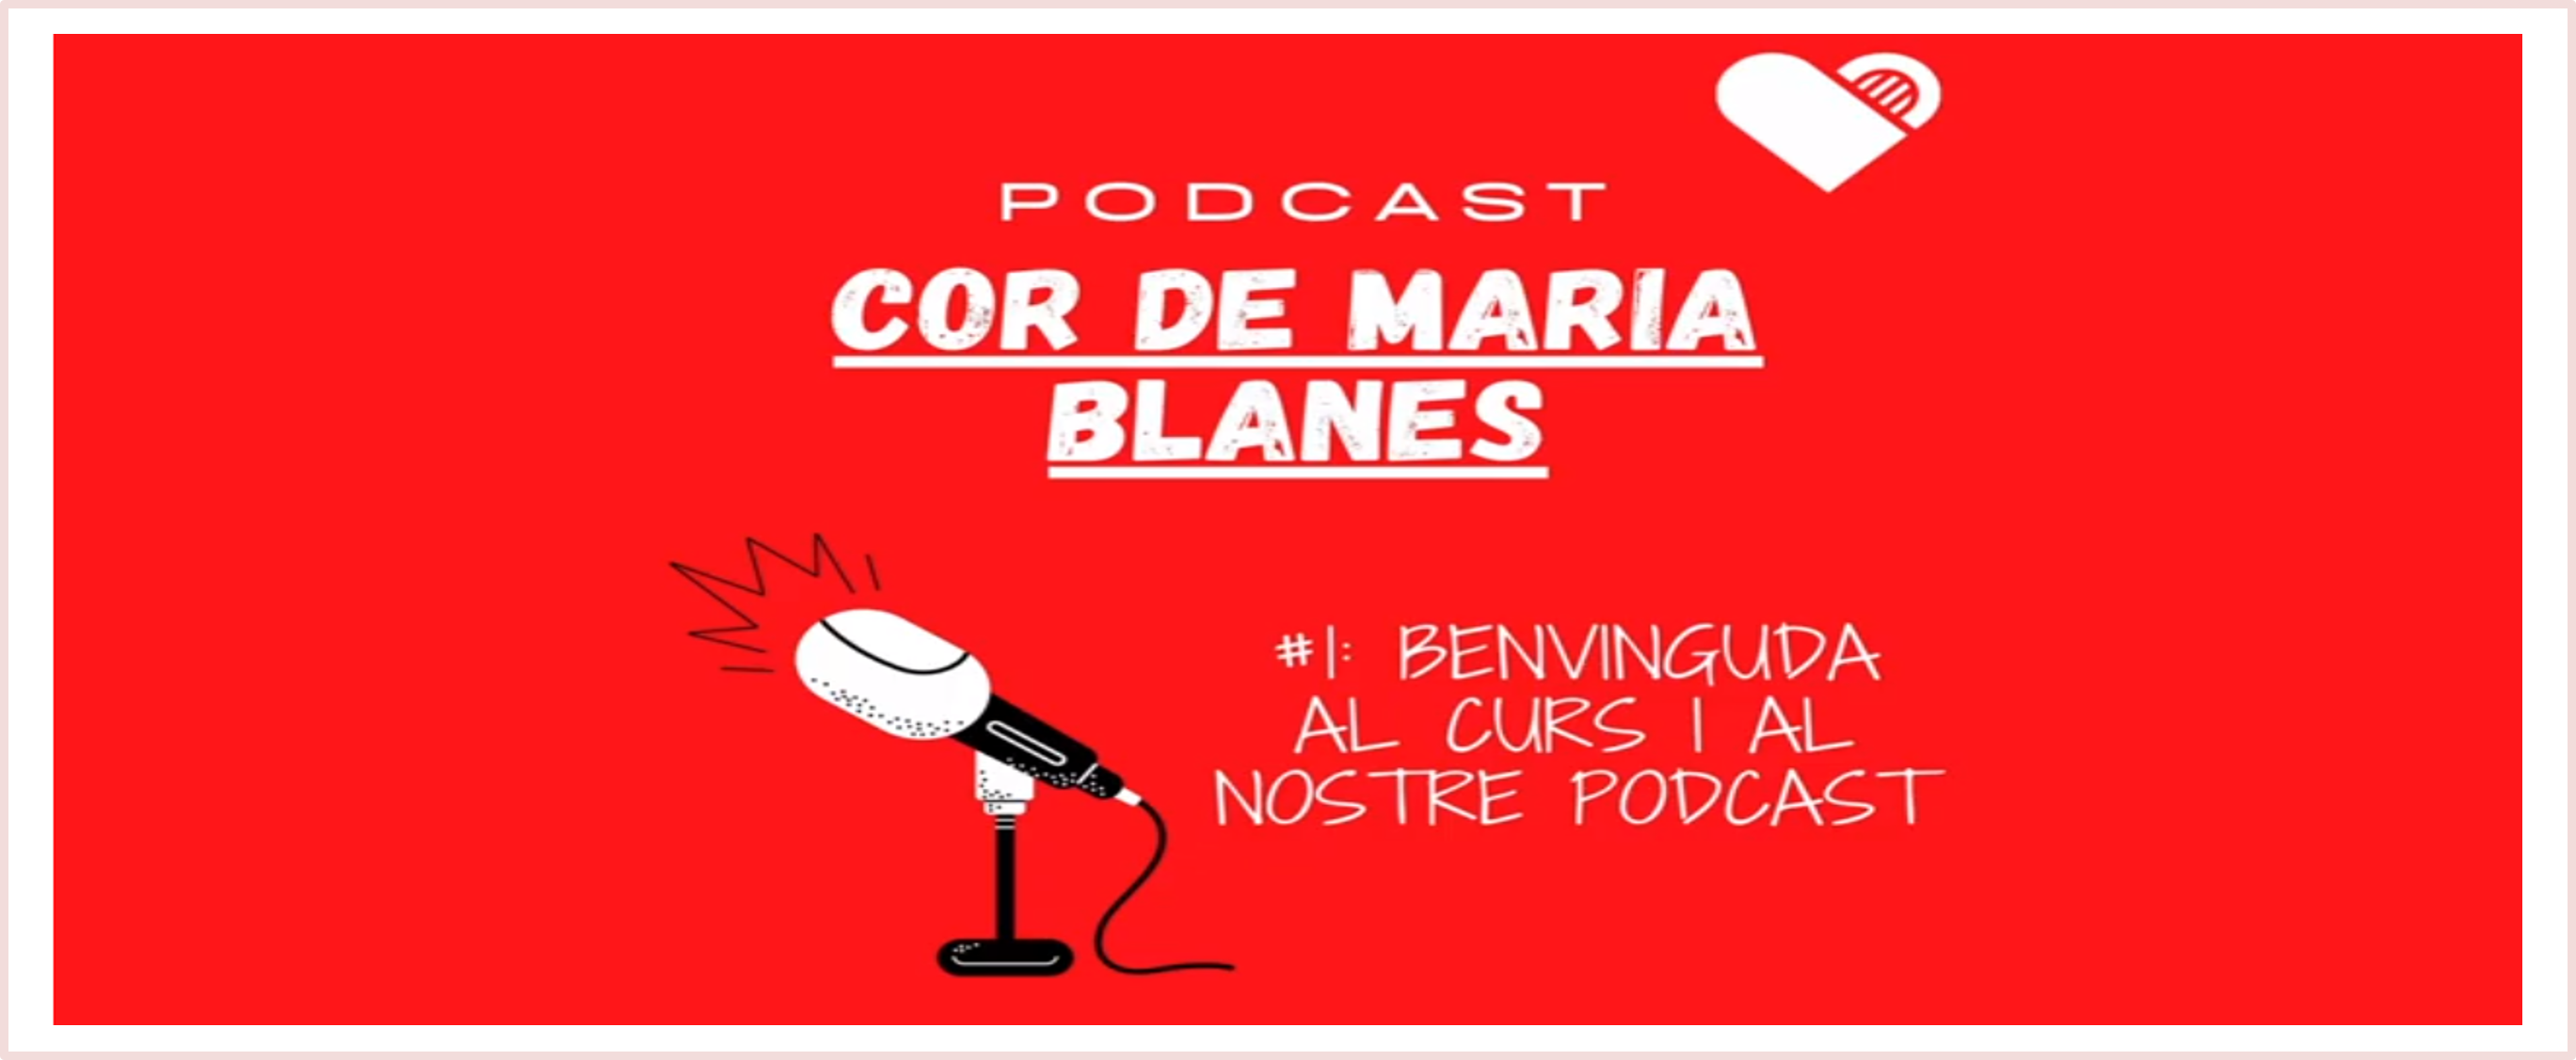 Benvinguda al curs i al nostre podcast